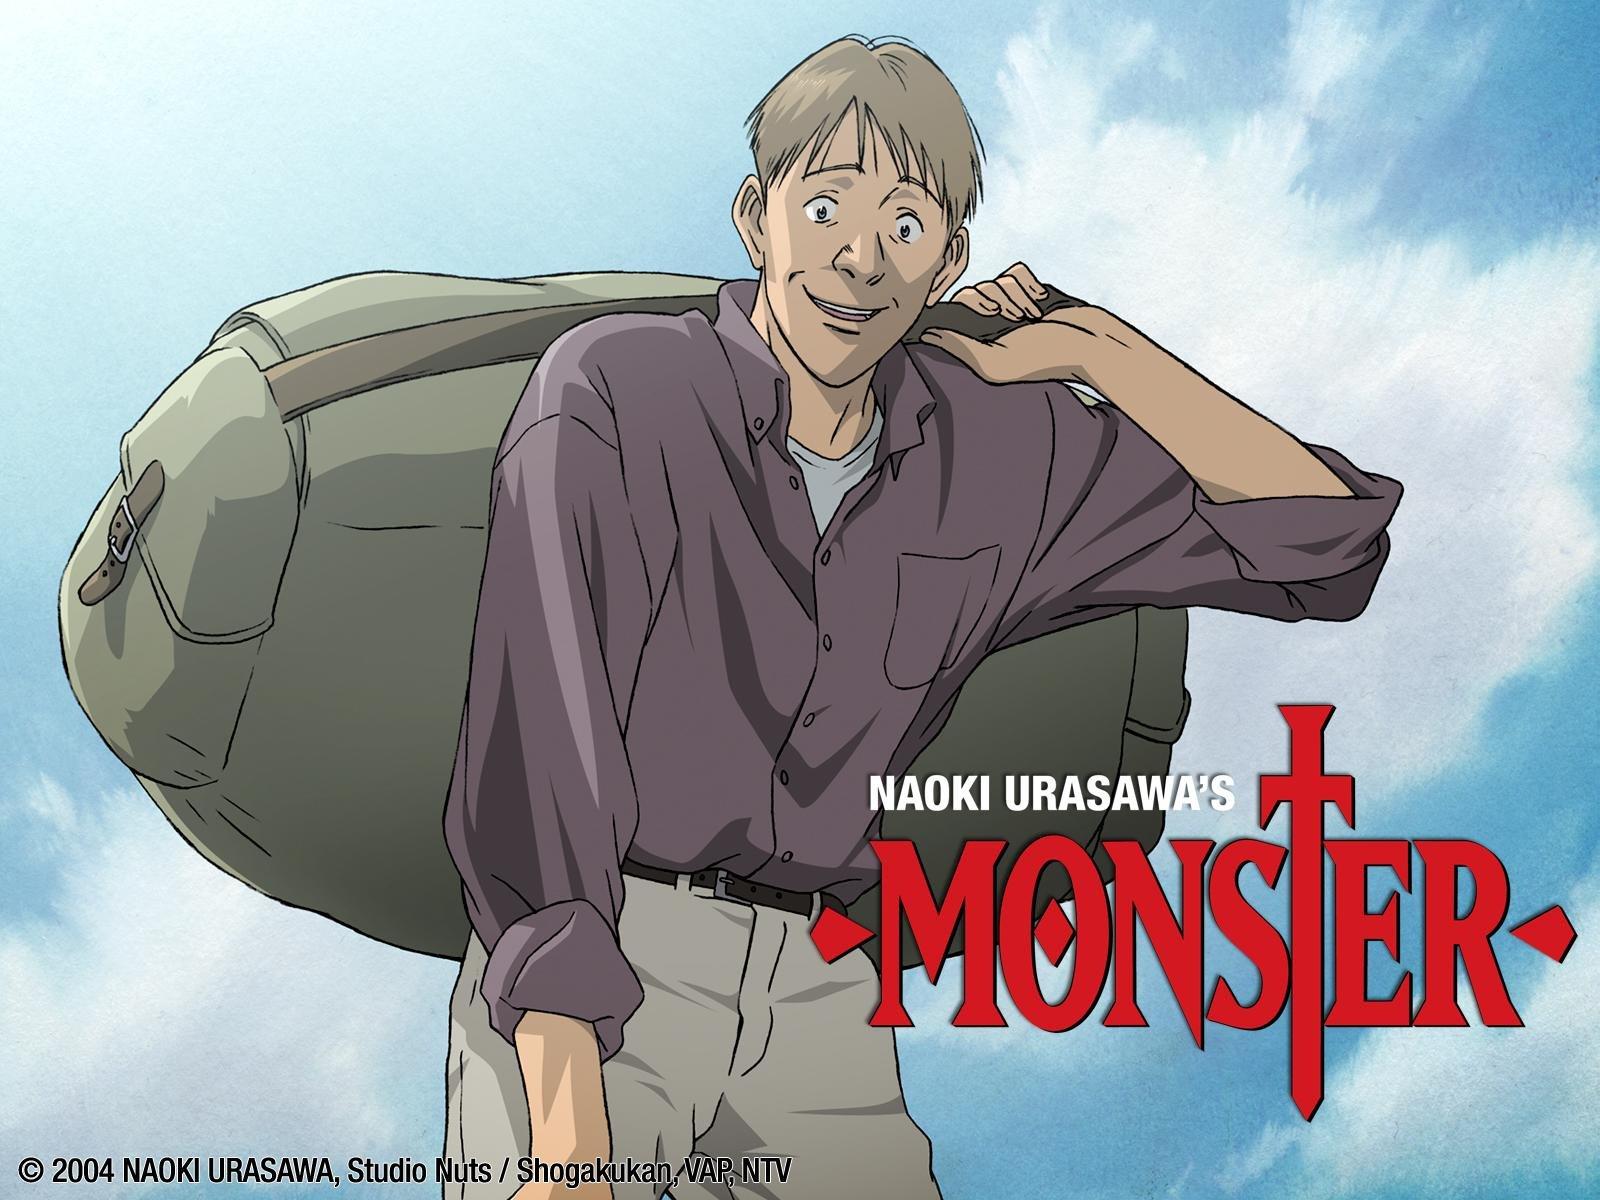 Monster urasawa naoki online dating